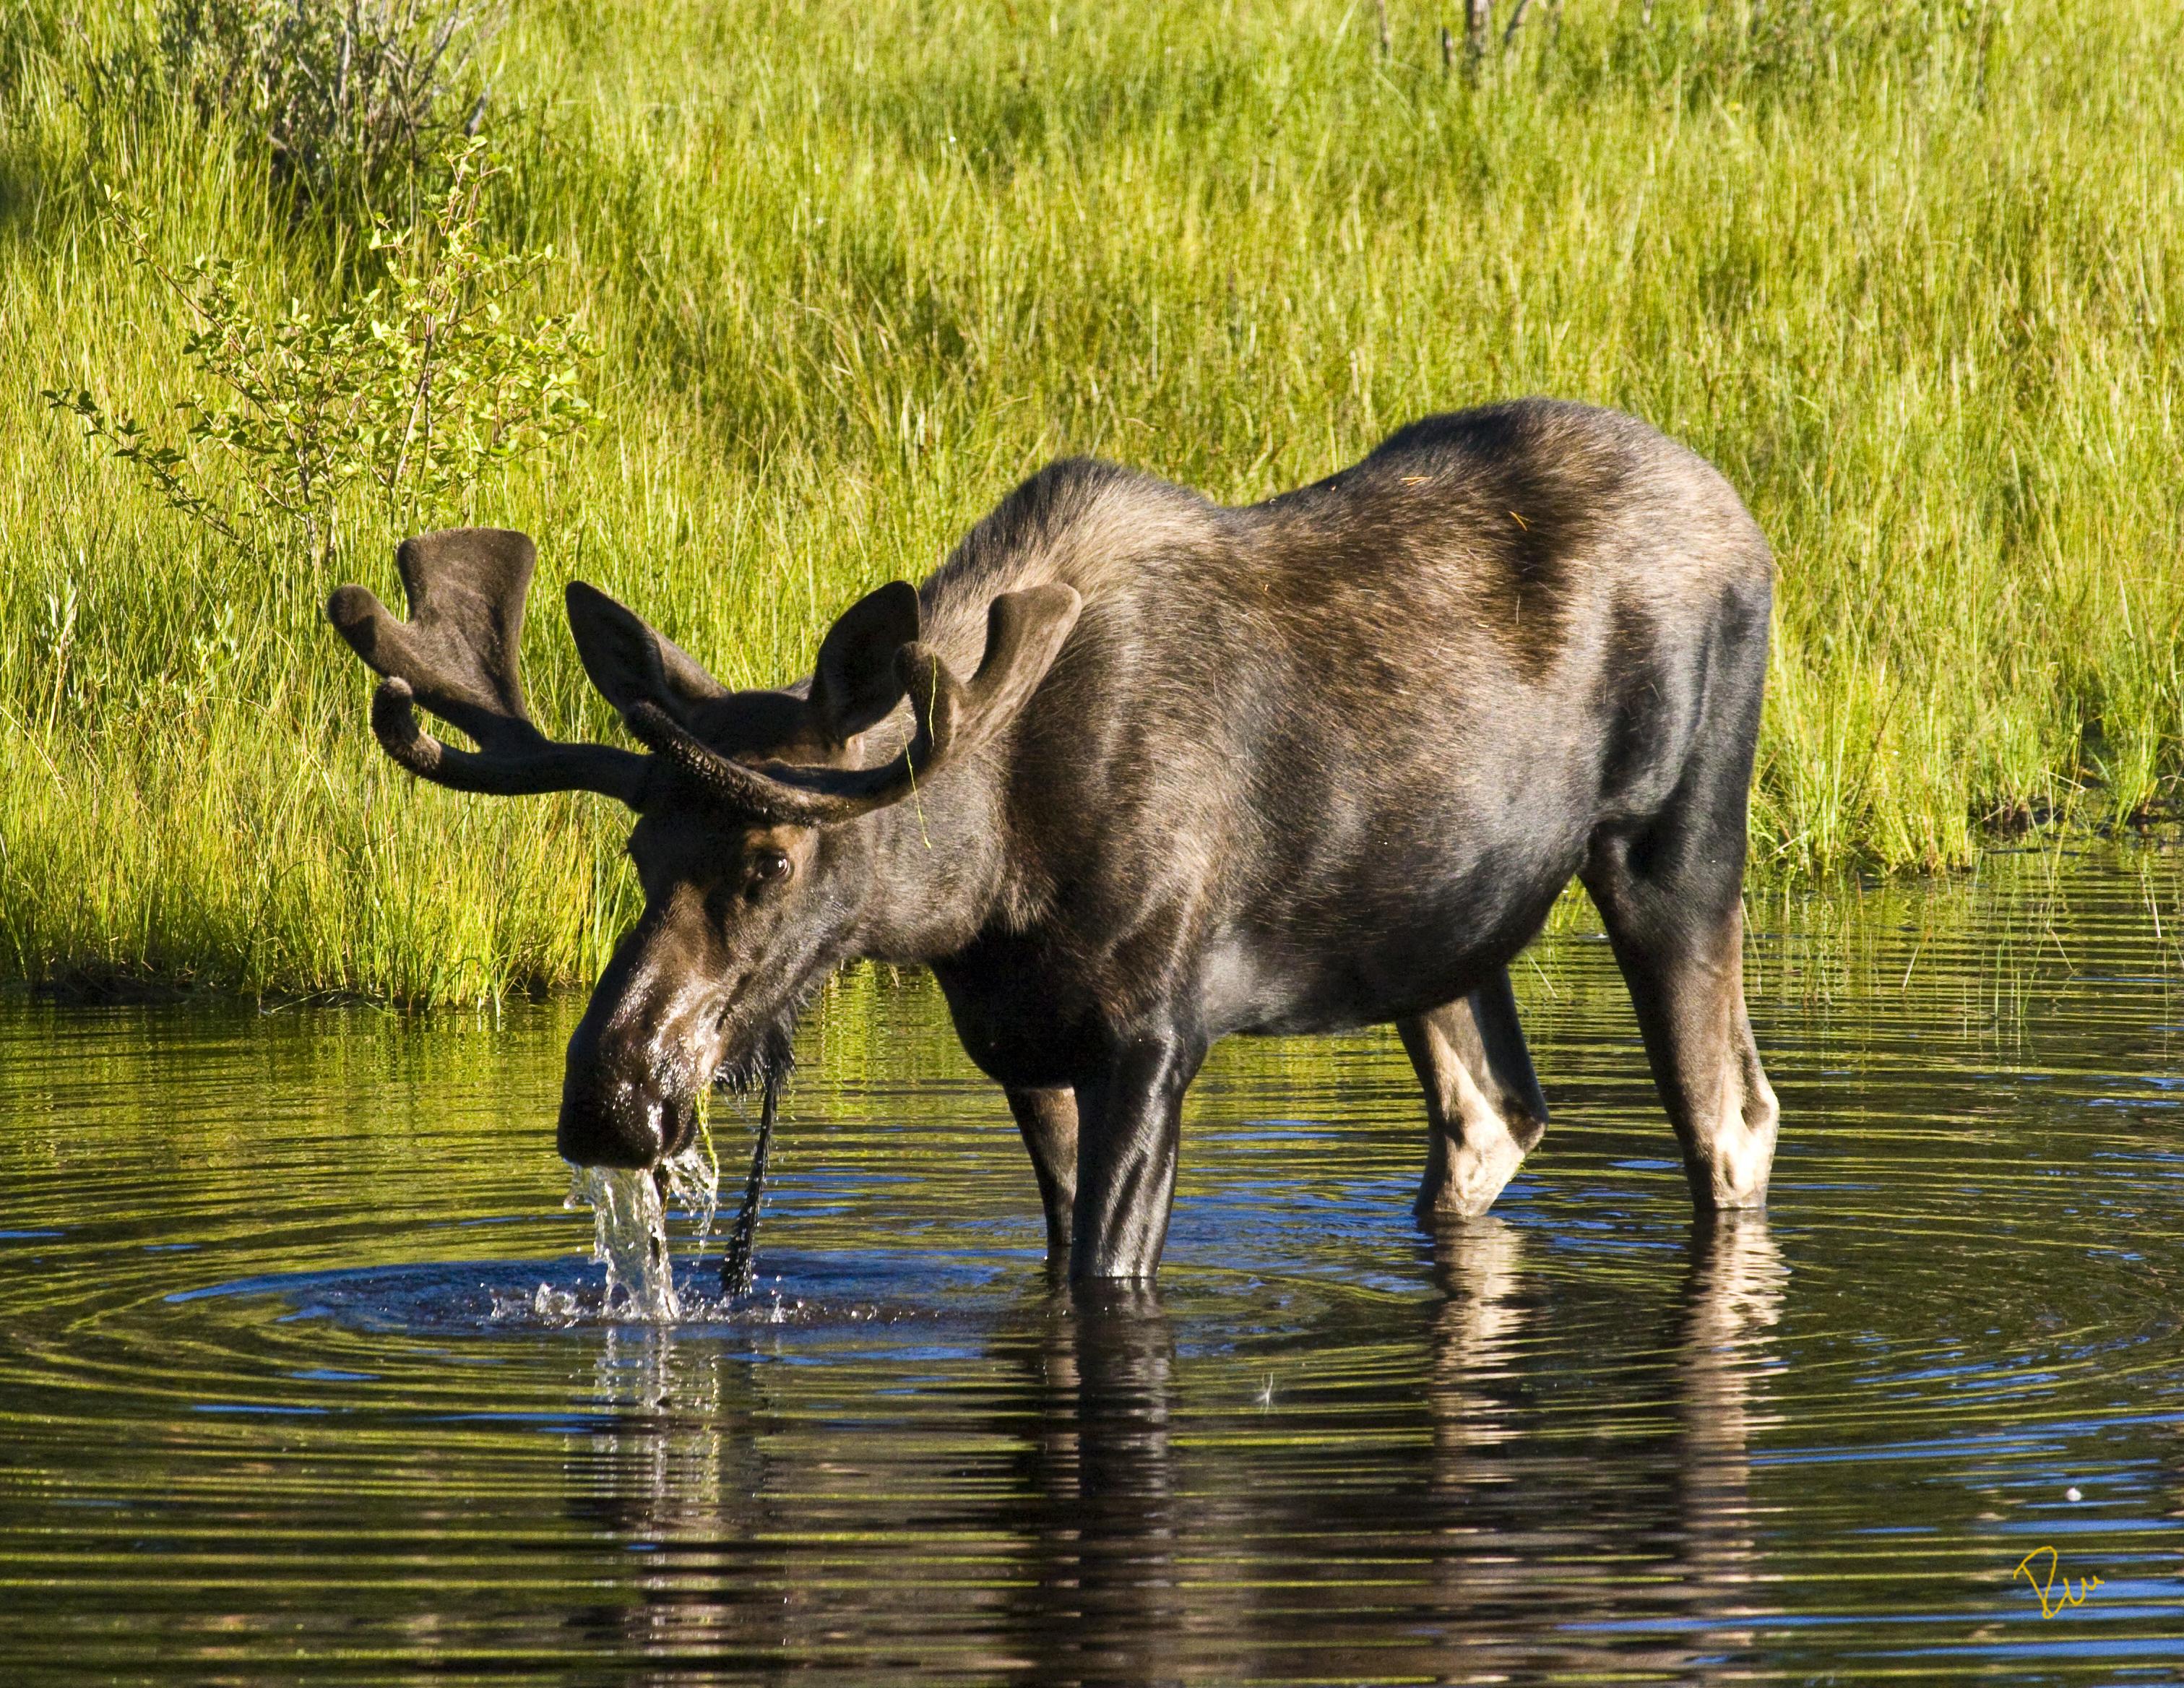 Alces Alces a bull moose Alces alces